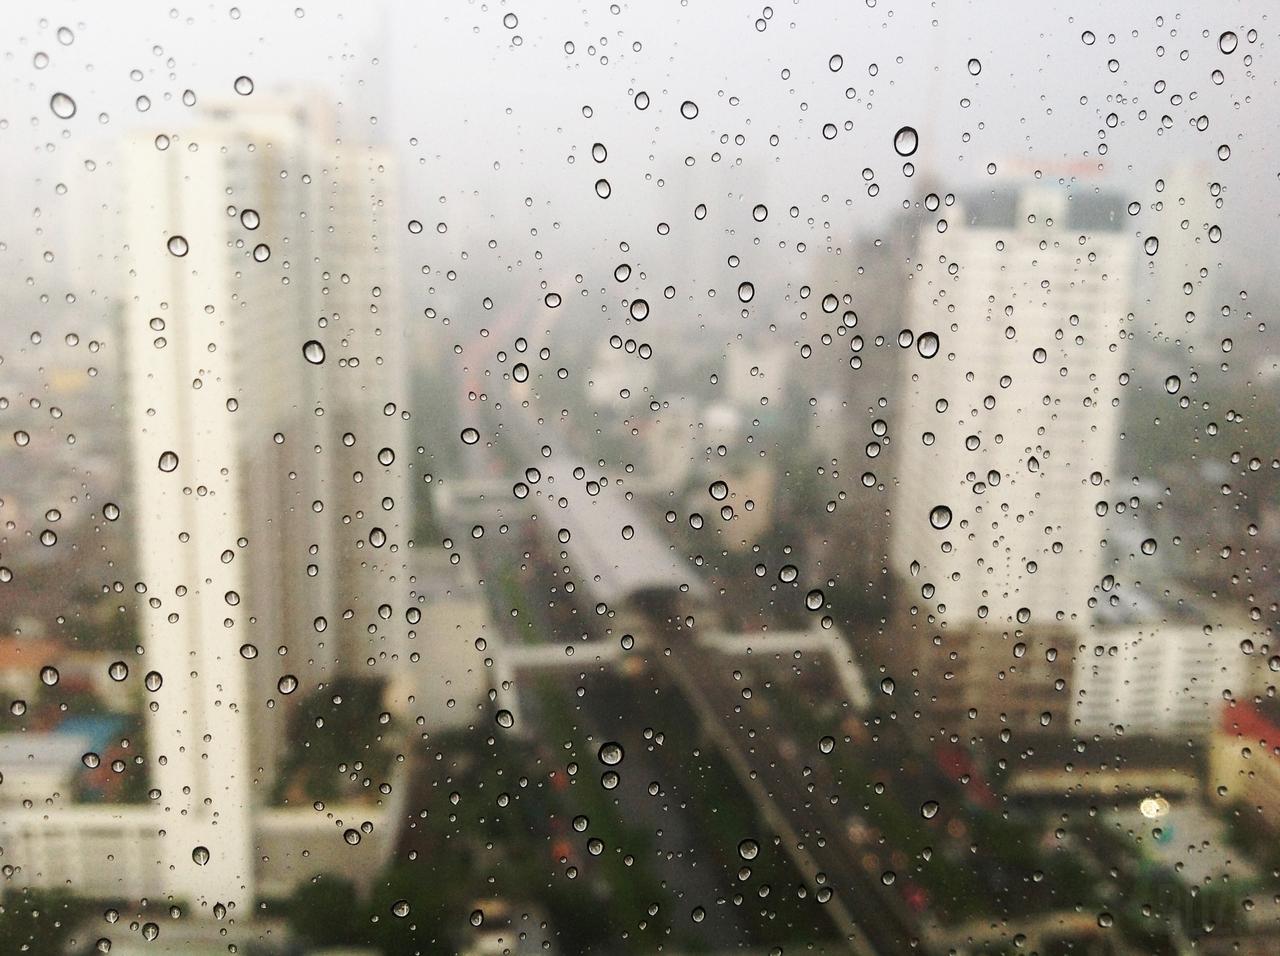 quando chove na cidade eu lembro de você daquela vez que caiu o céu